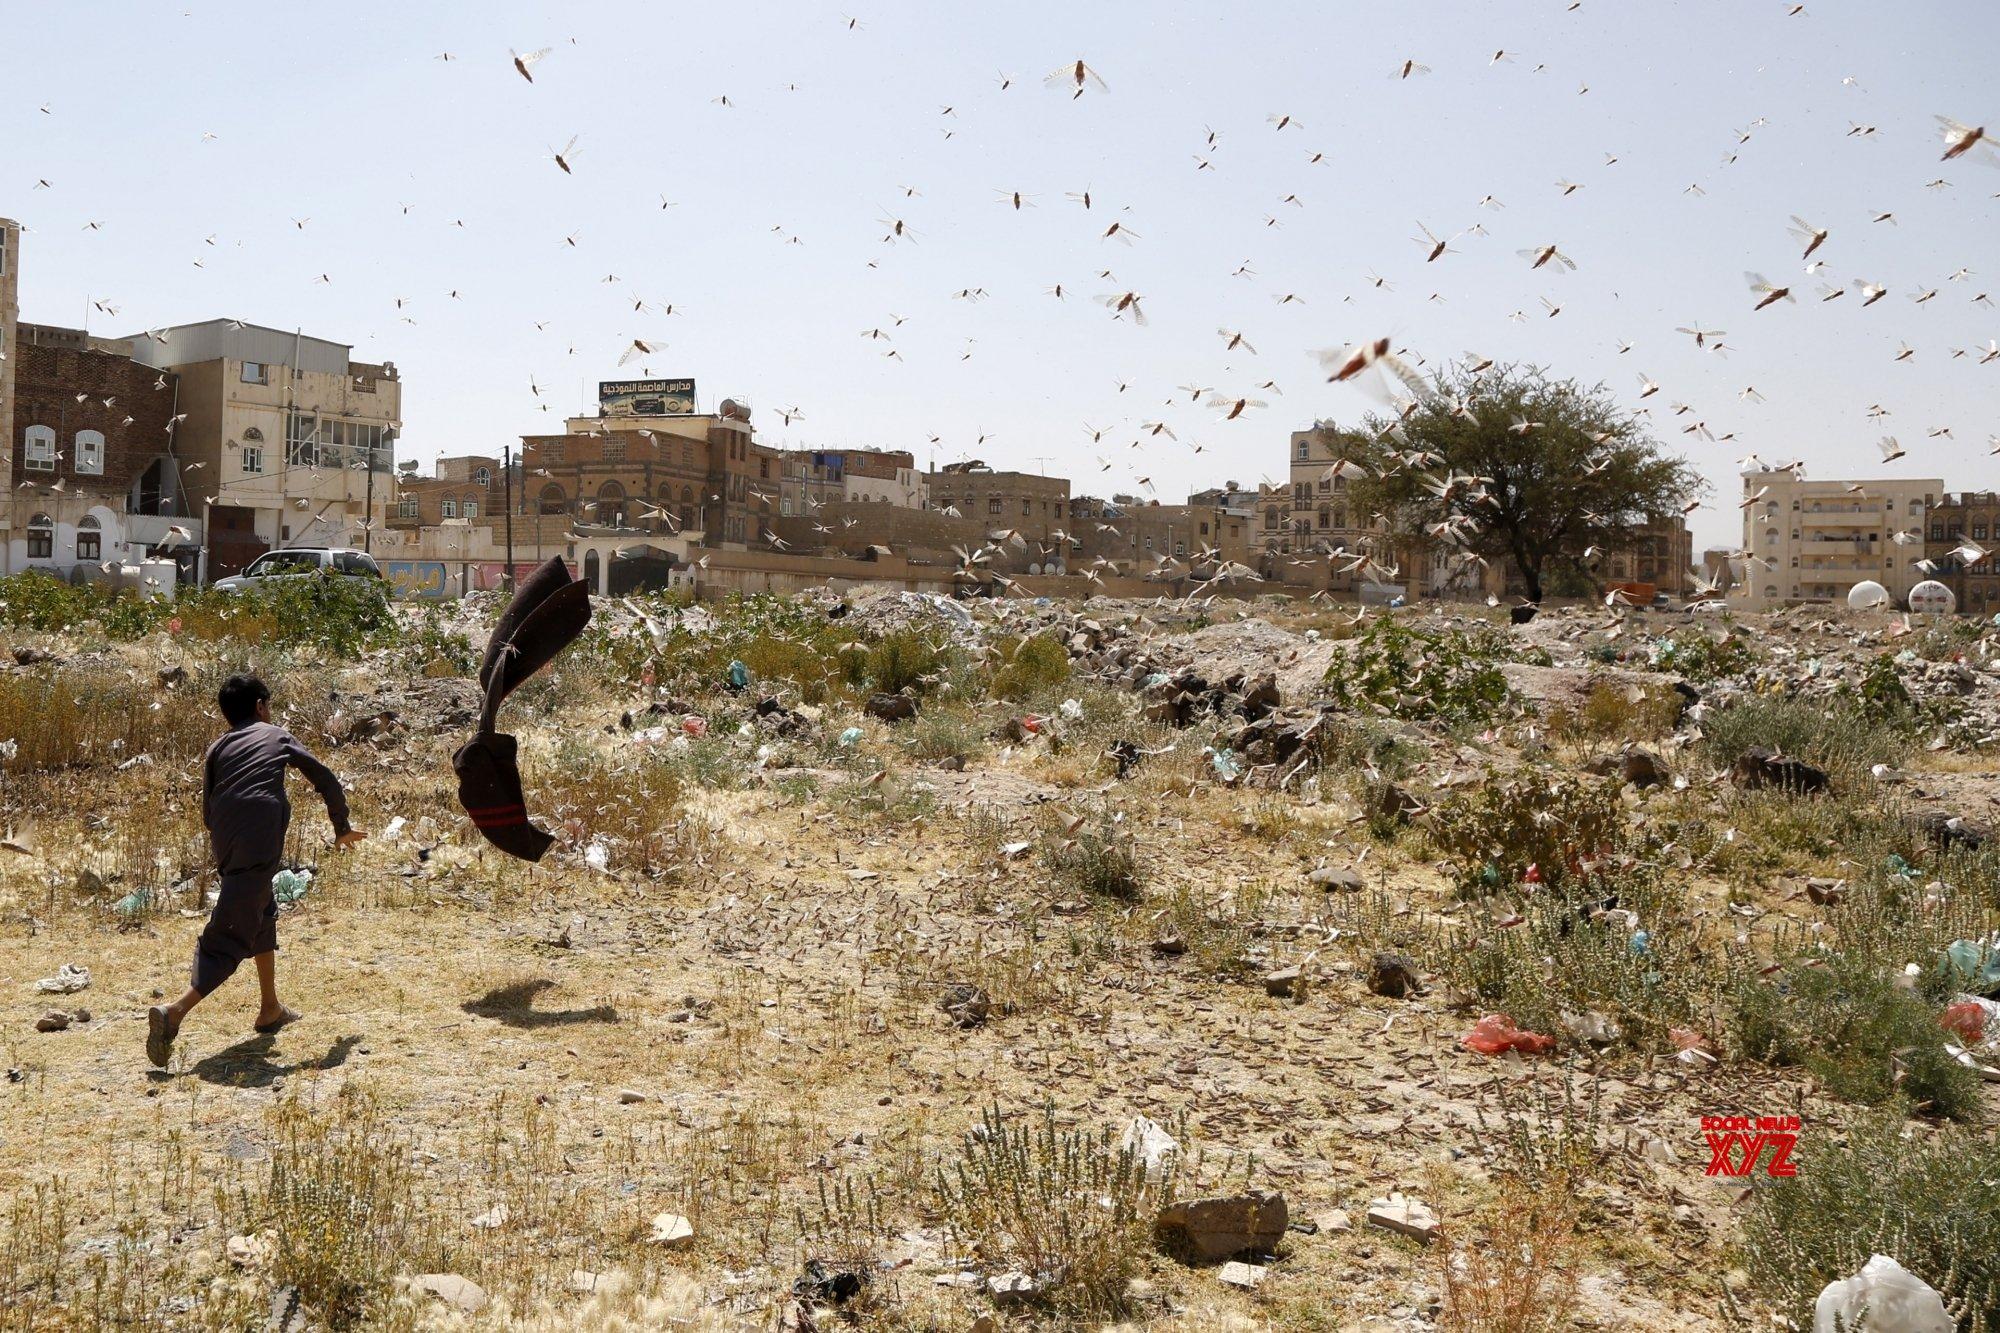 YEMEN - SANAA - DESERT LOCUSTS #Gallery